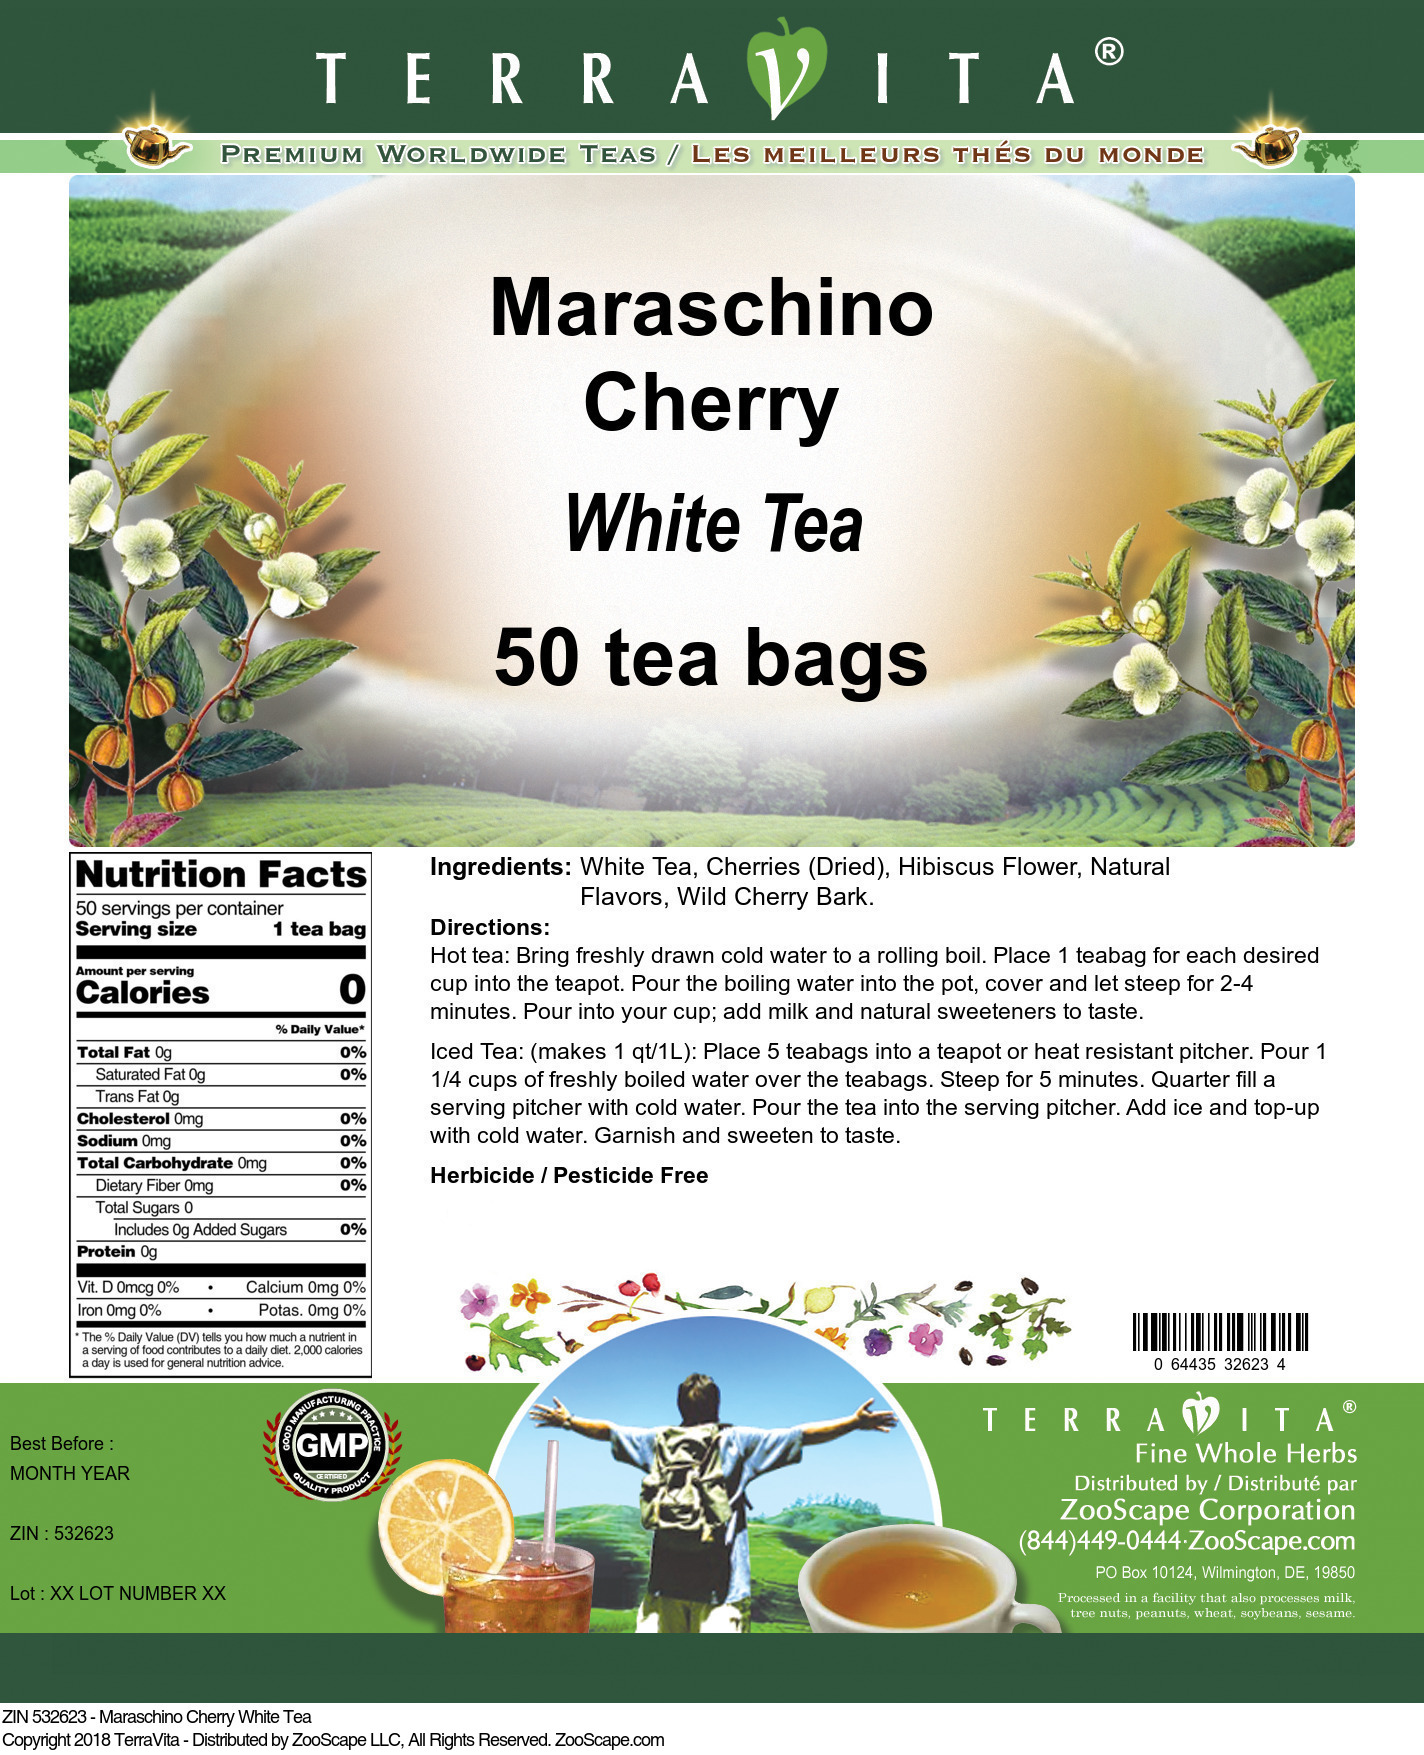 Maraschino Cherry White Tea